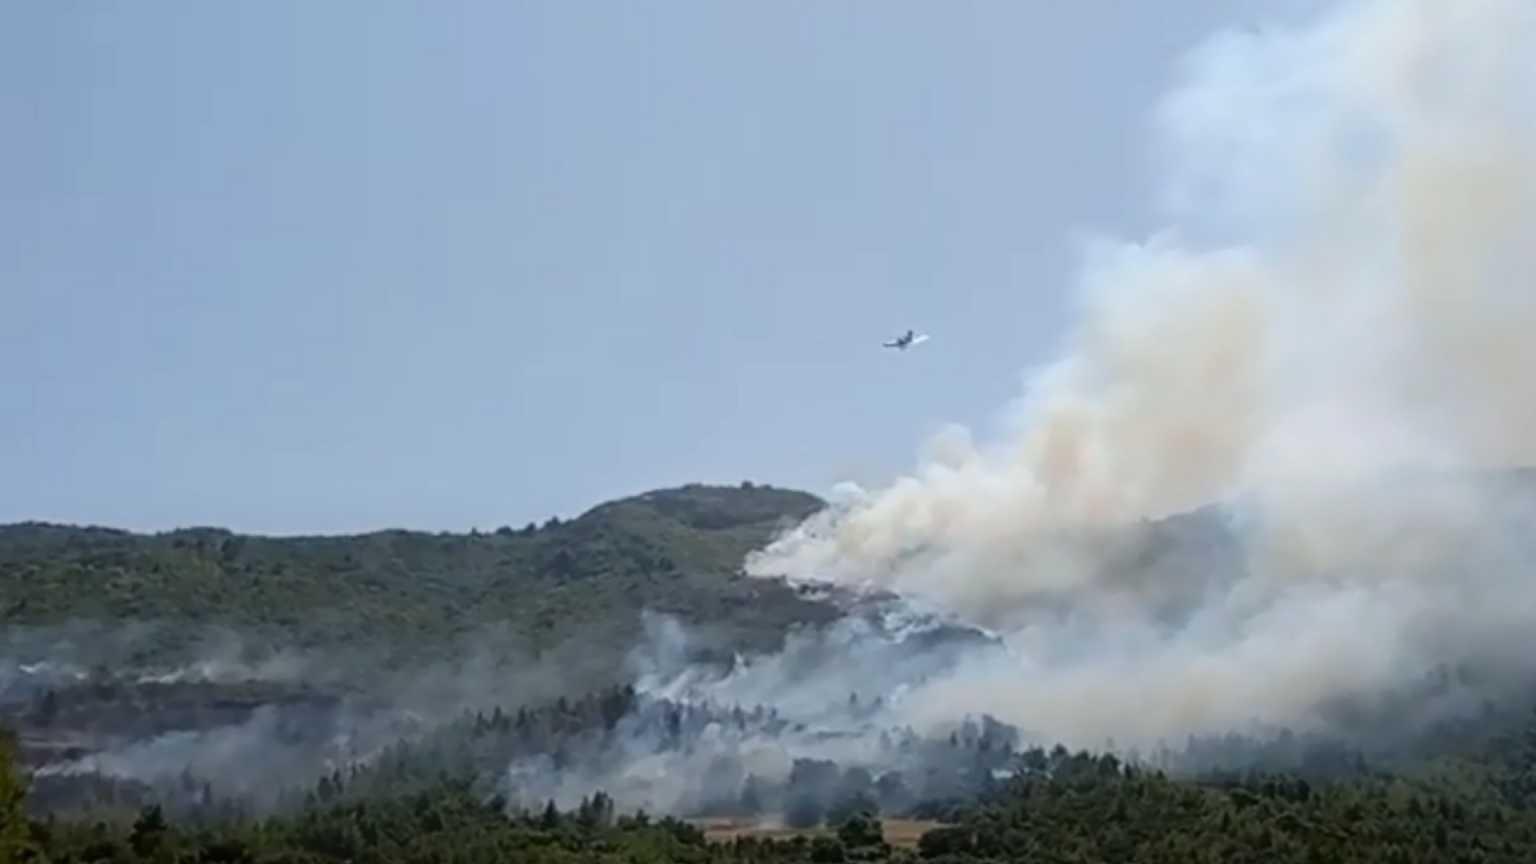 Φωτιά στην Πάτρα: Ο υπ. Υγείας έθεσε σε κατάσταση μέγιστης ετοιμότητας υγειονομικές δομές & ΕΚΑΒ στην Πάτρα